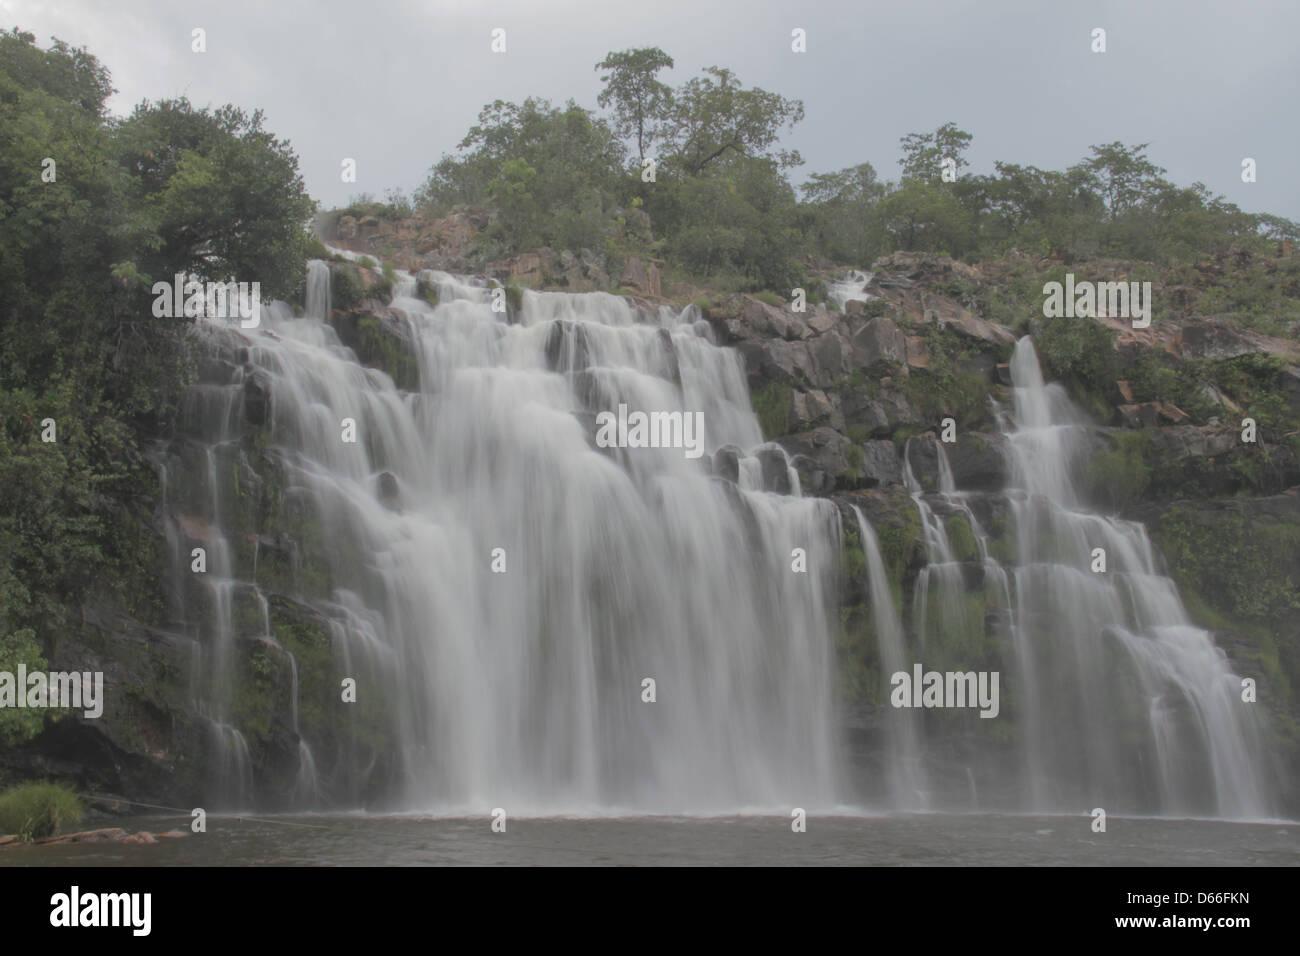 Poço encantado Water falls at the Cerrado , Brazil, Chapada dos Veadeiros - Stock Image